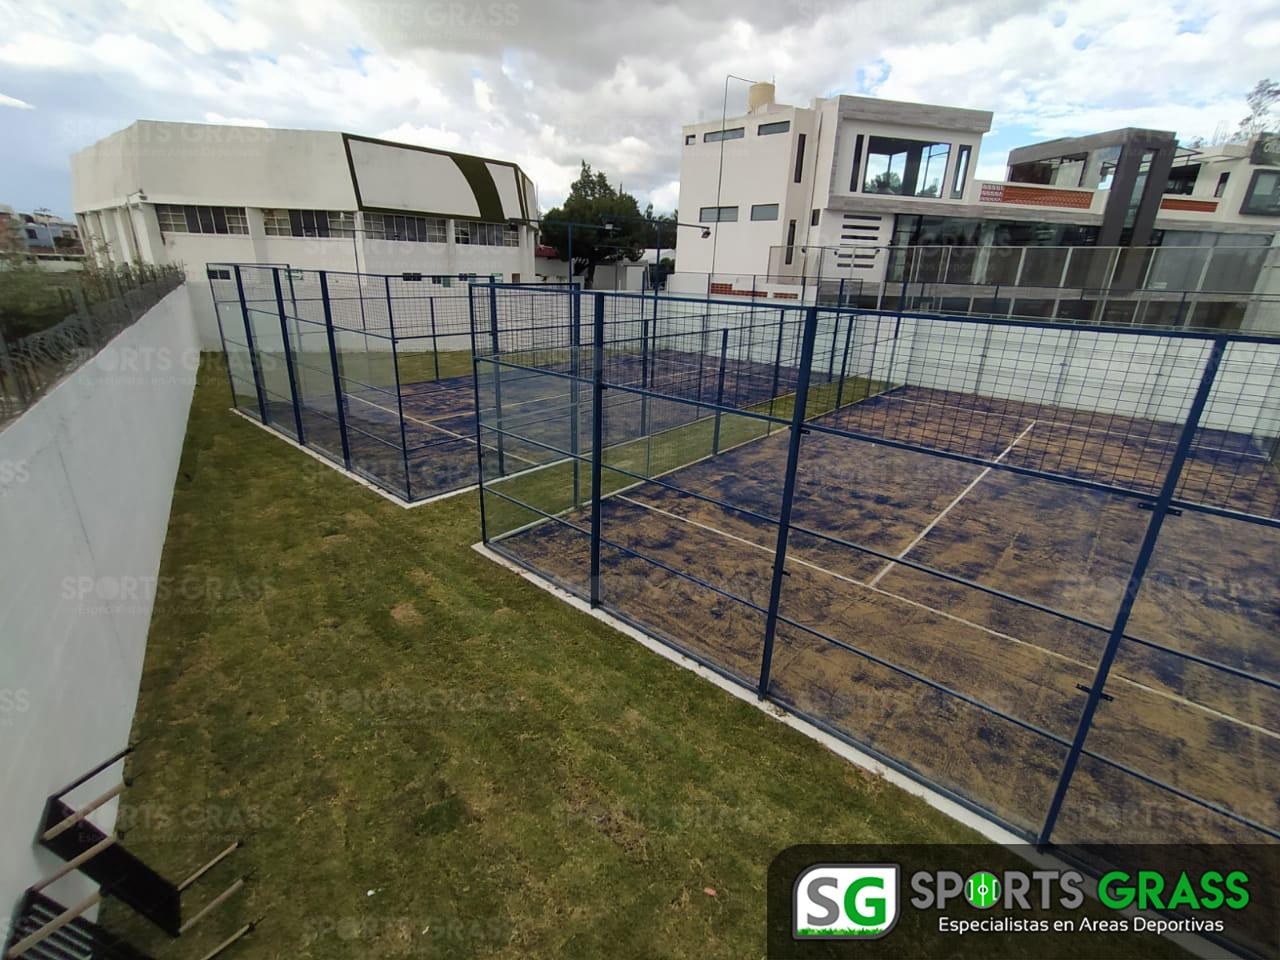 2 canchas de pádel recta a Cholula Puebla SportsGrass 02